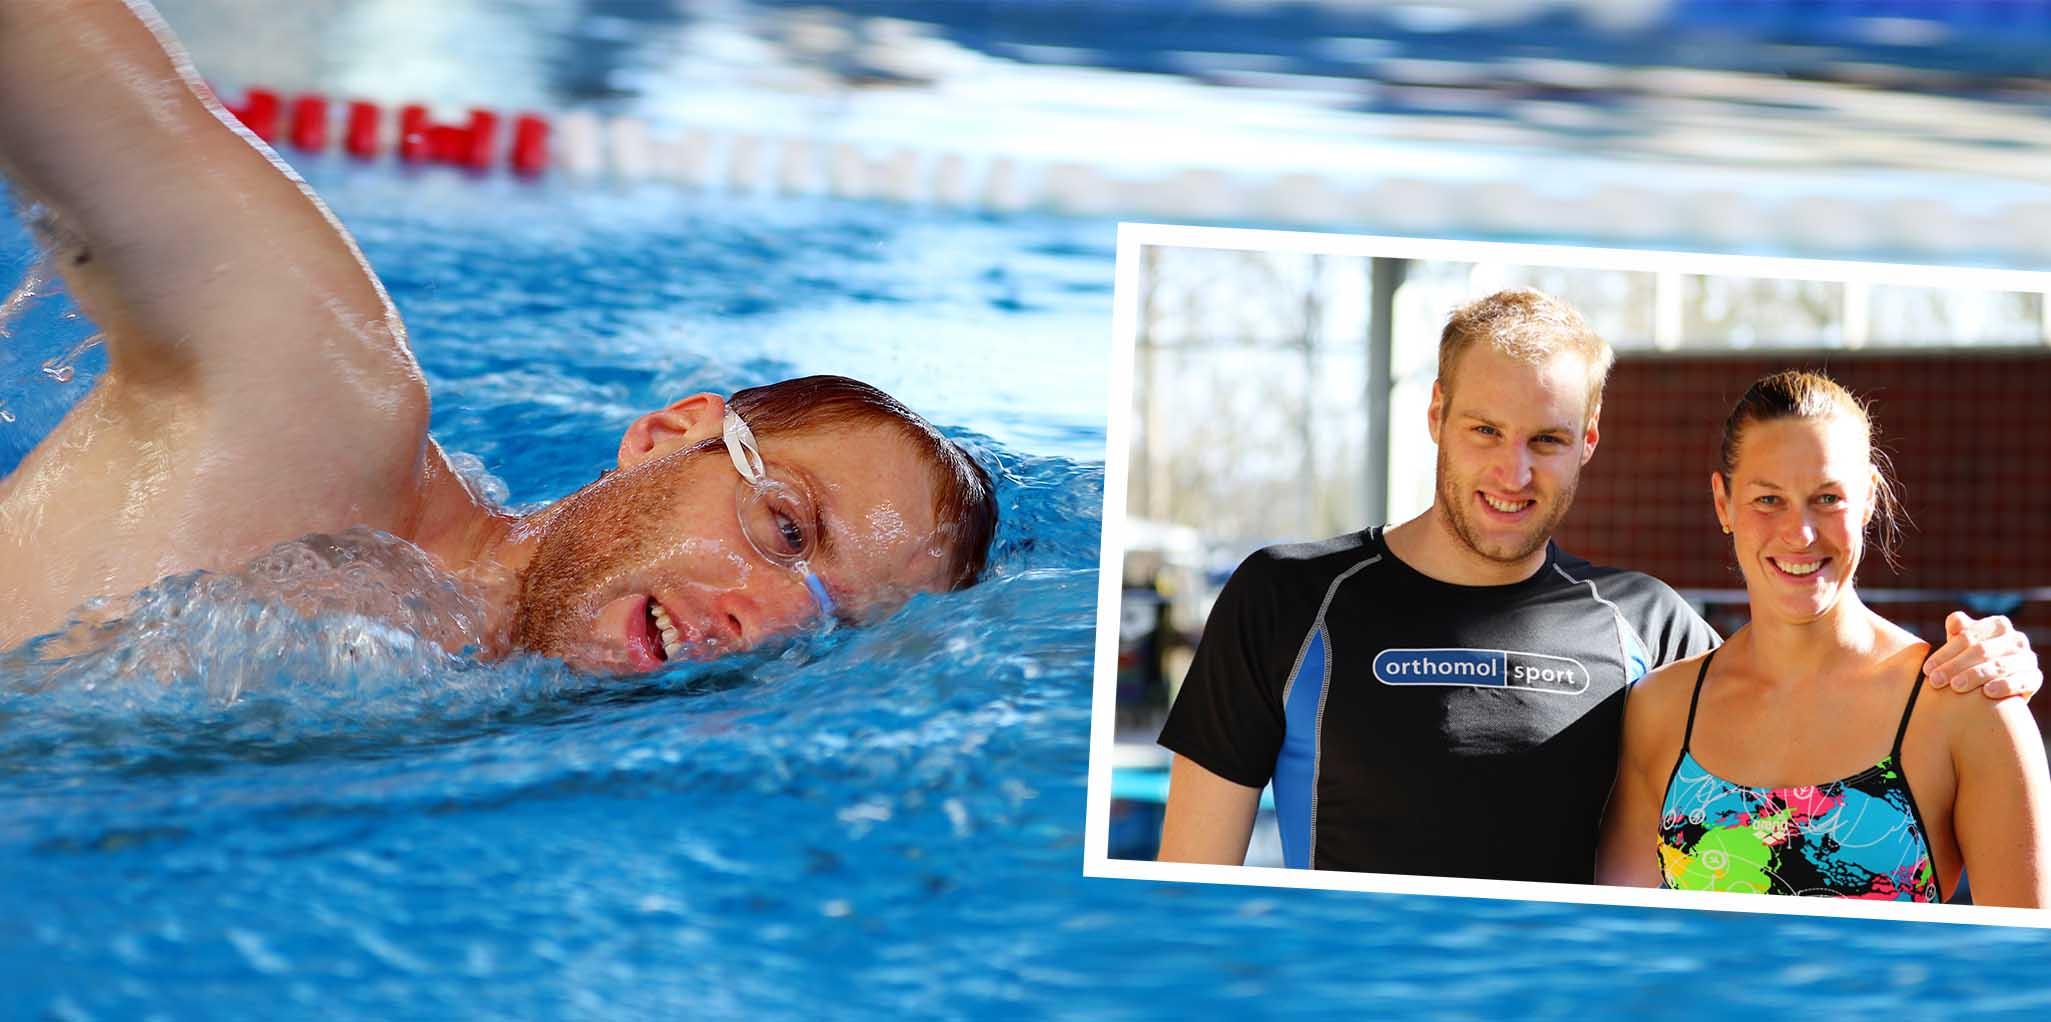 schwimmer in polizeiuniform vom pilotprojekt zum vorzeigemodell - Polizei Bewerbung Hessen